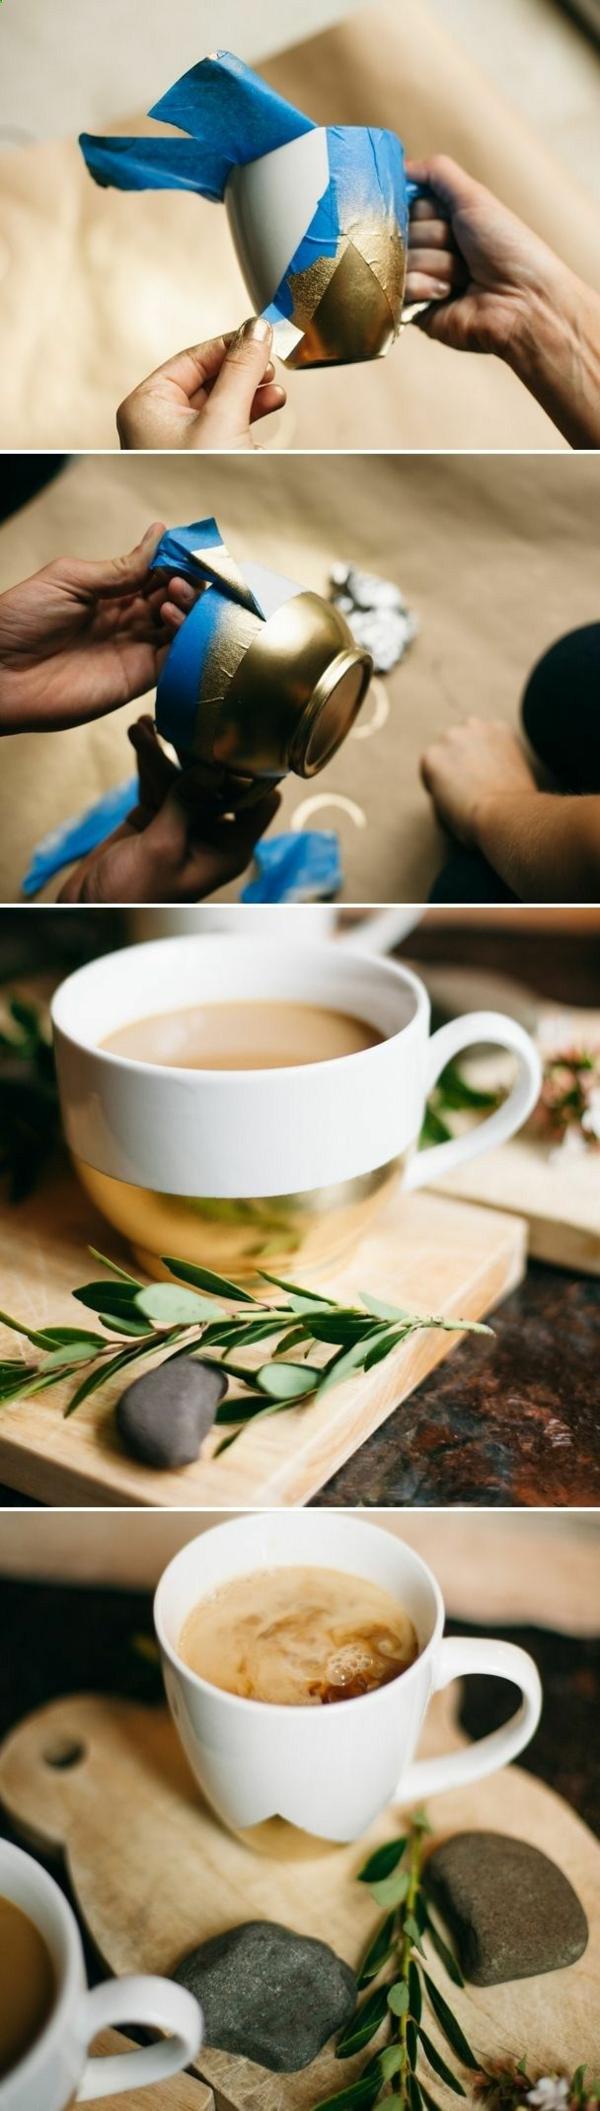 selbst gemachte weihnachtsgeschenke ideen kaffee tasse